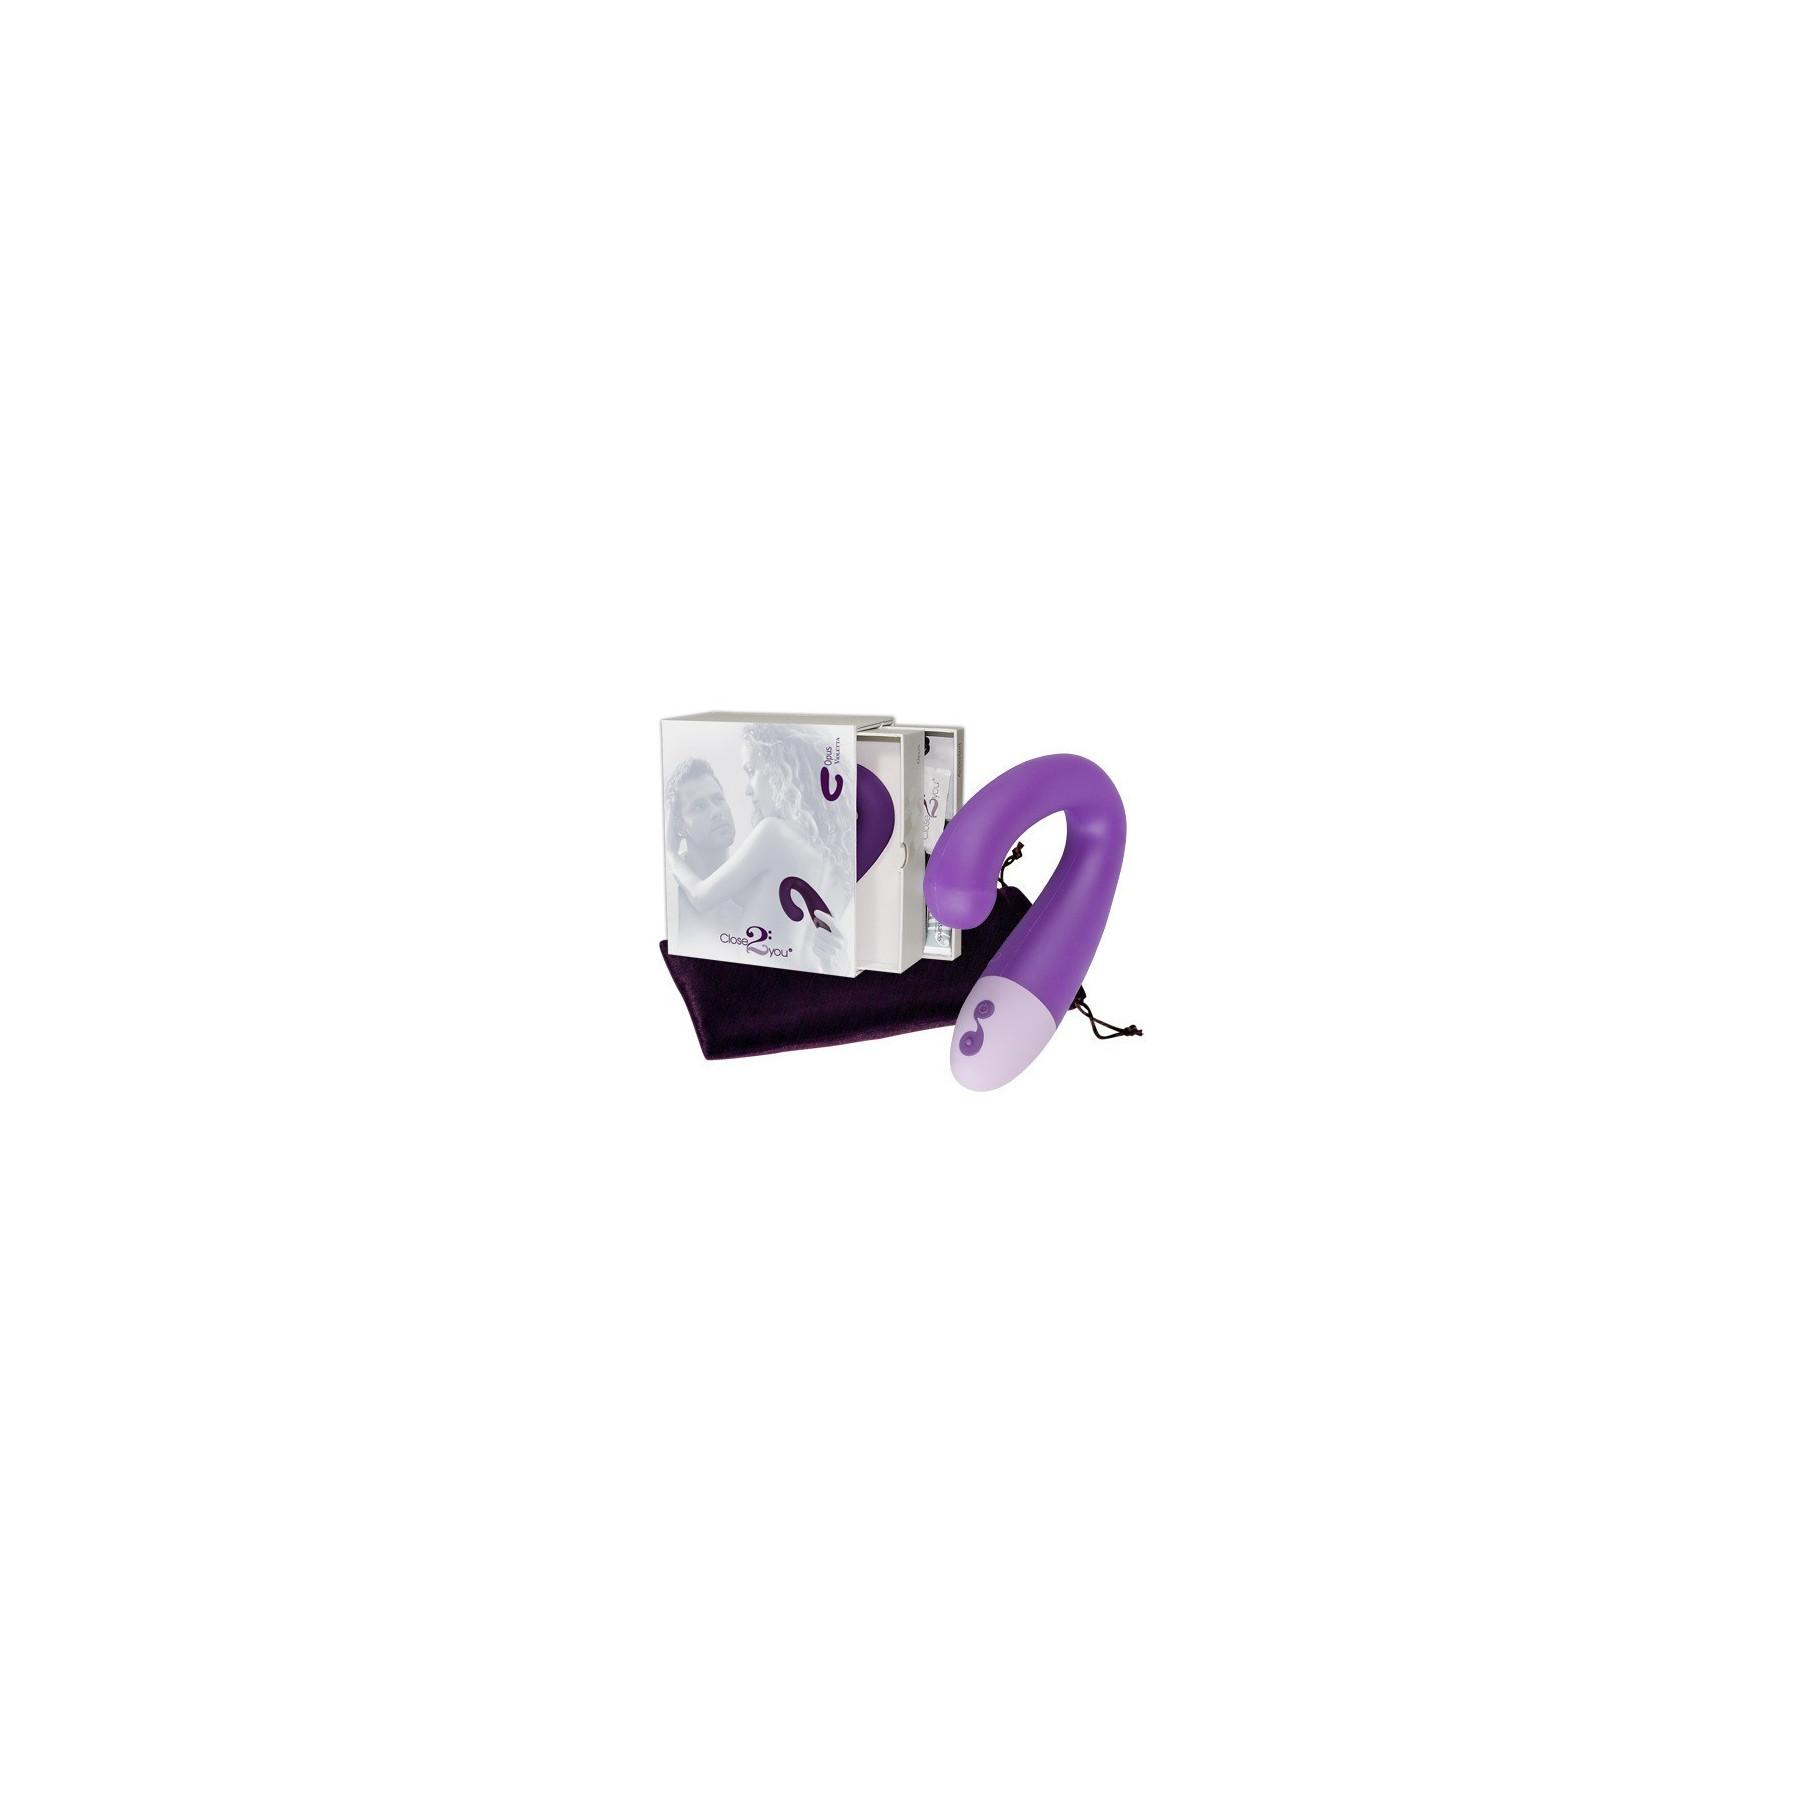 Vibratore Opus Violetto ricurvo per stimolare il punto G